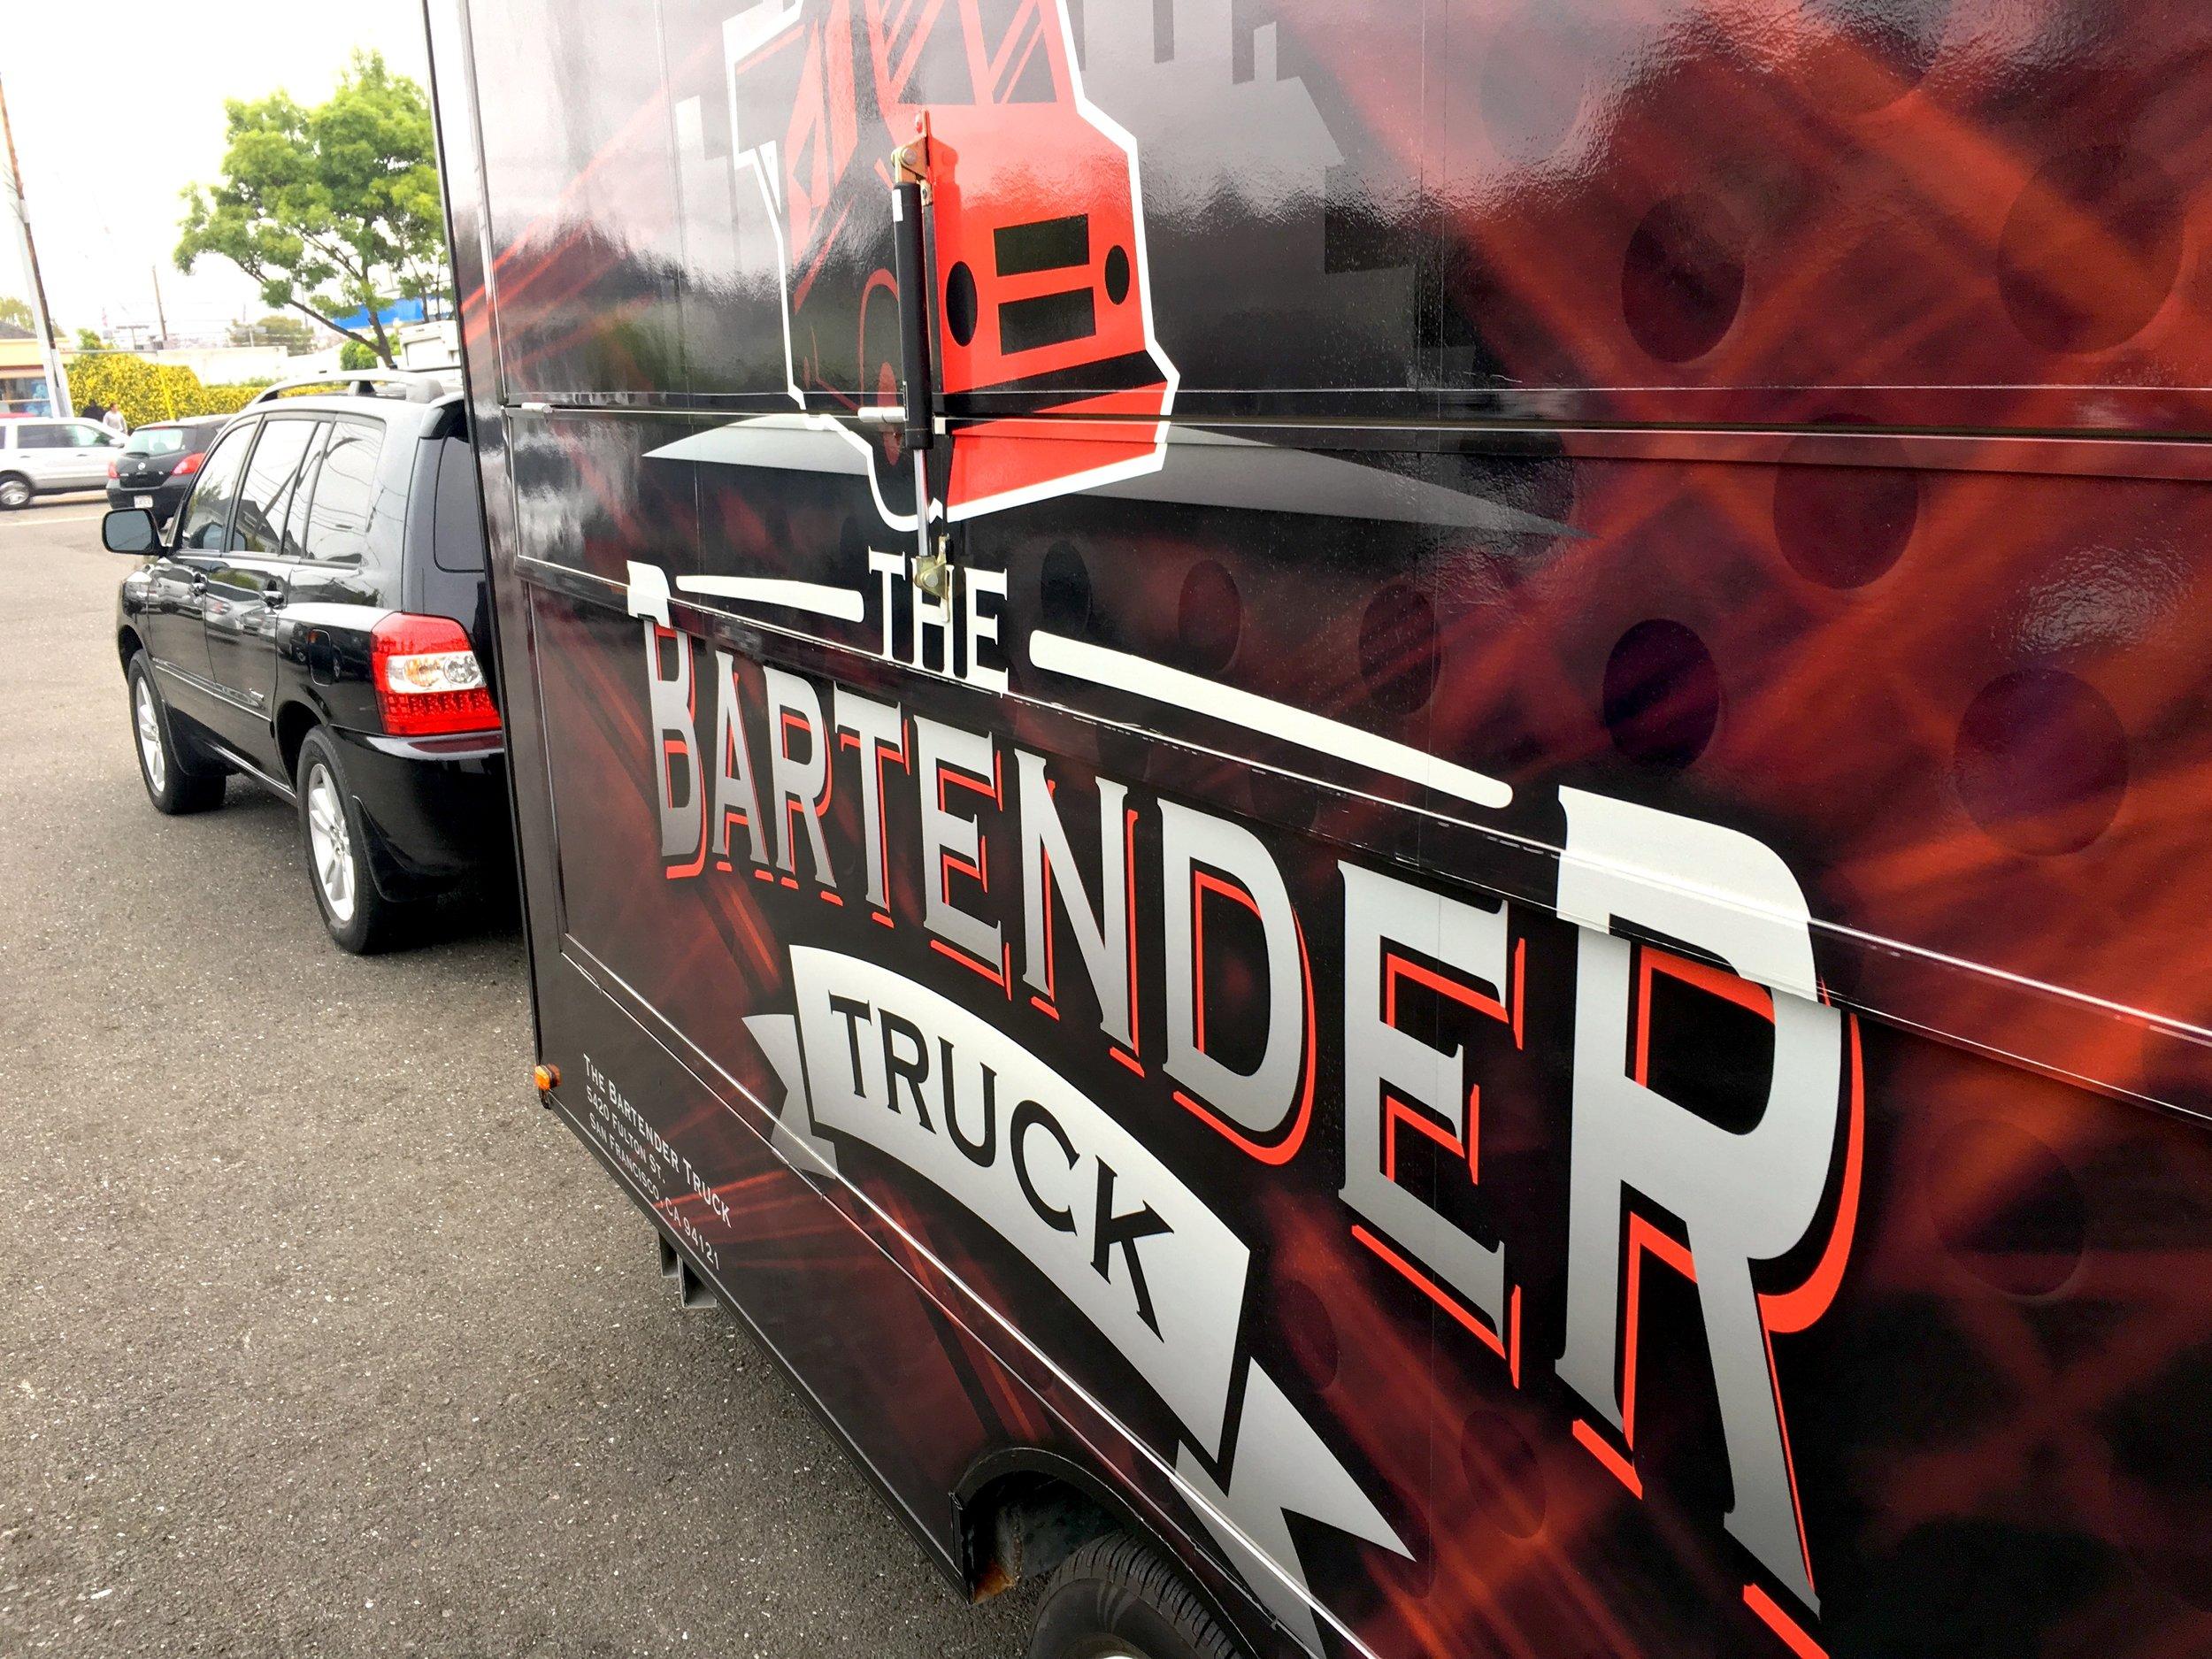 the bartender truck